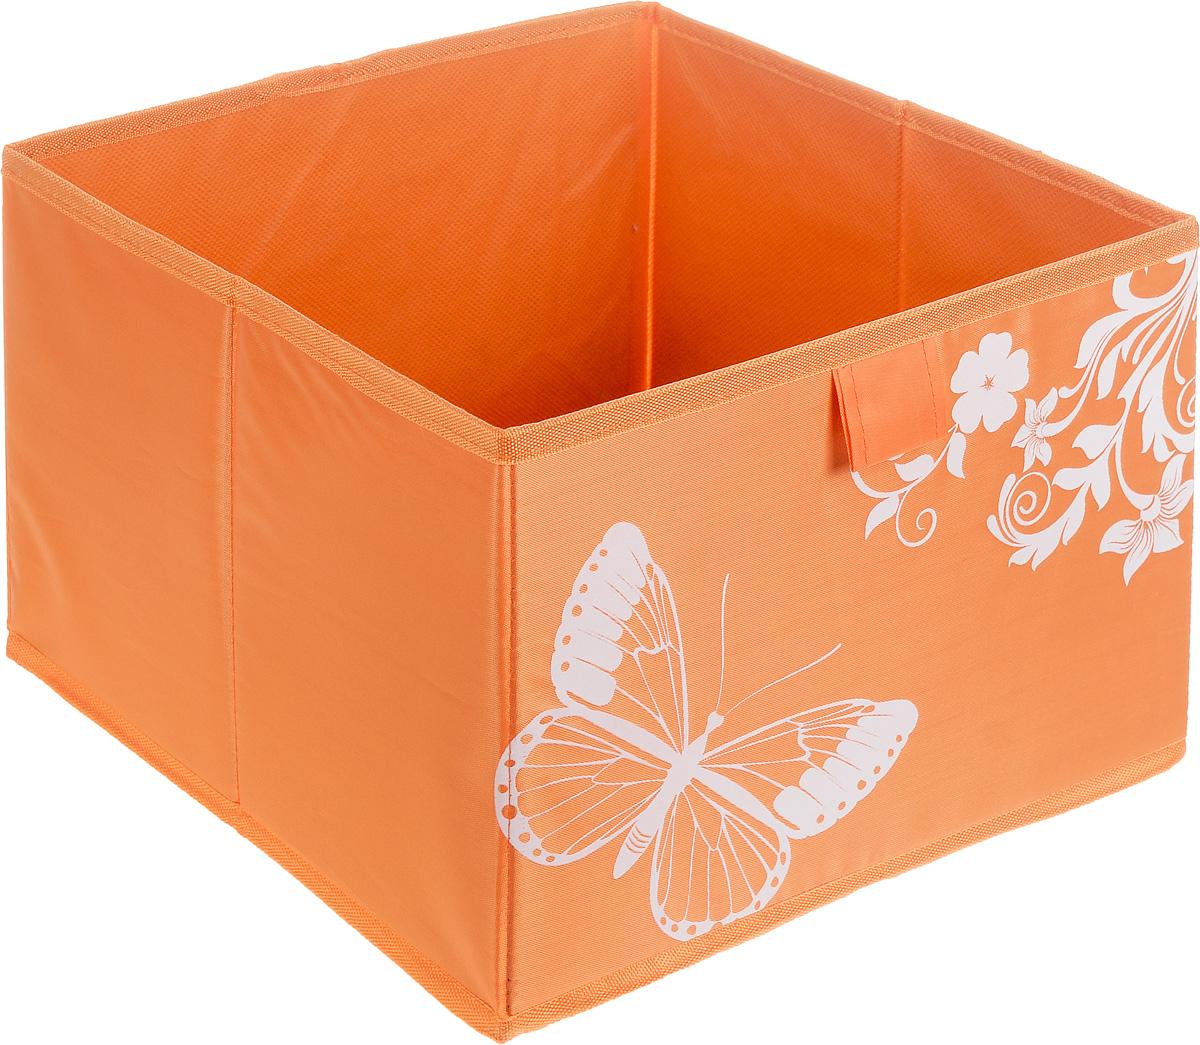 Коробка для хранения Hausmann Butterfly, цвет: оранжевый, 28 х 27 х 20 см4P-106-M4С_оранжевыйКоробка для хранения Hausmann Butterfly поможет легко организовать пространство в шкафу или в гардеробе. Изделие выполнено из нетканого материала и полиэстера. Коробка держит форму благодаря жесткой вставке из картона, которая устанавливается на дно. Боковая поверхность оформлена красивым принтом с изображением бабочек. В такой коробке удобно хранить нижнее белье, ремни и различные аксессуары.